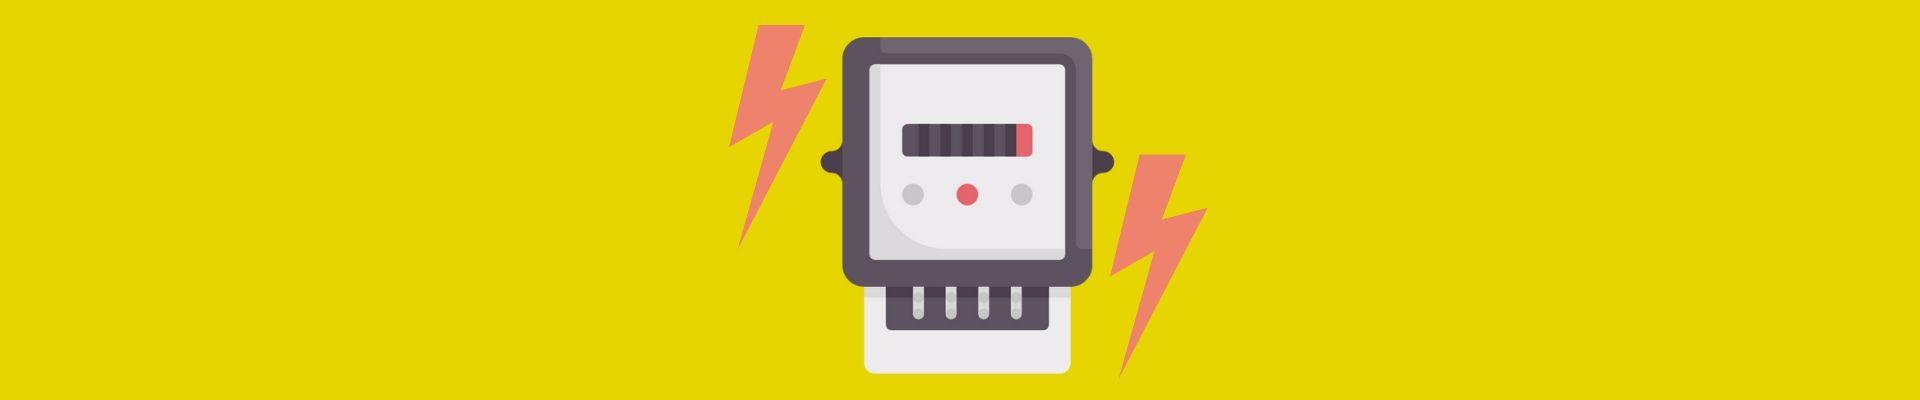 Le compteur électrique : son fonctionnement, sa puissance, ses différents modèles